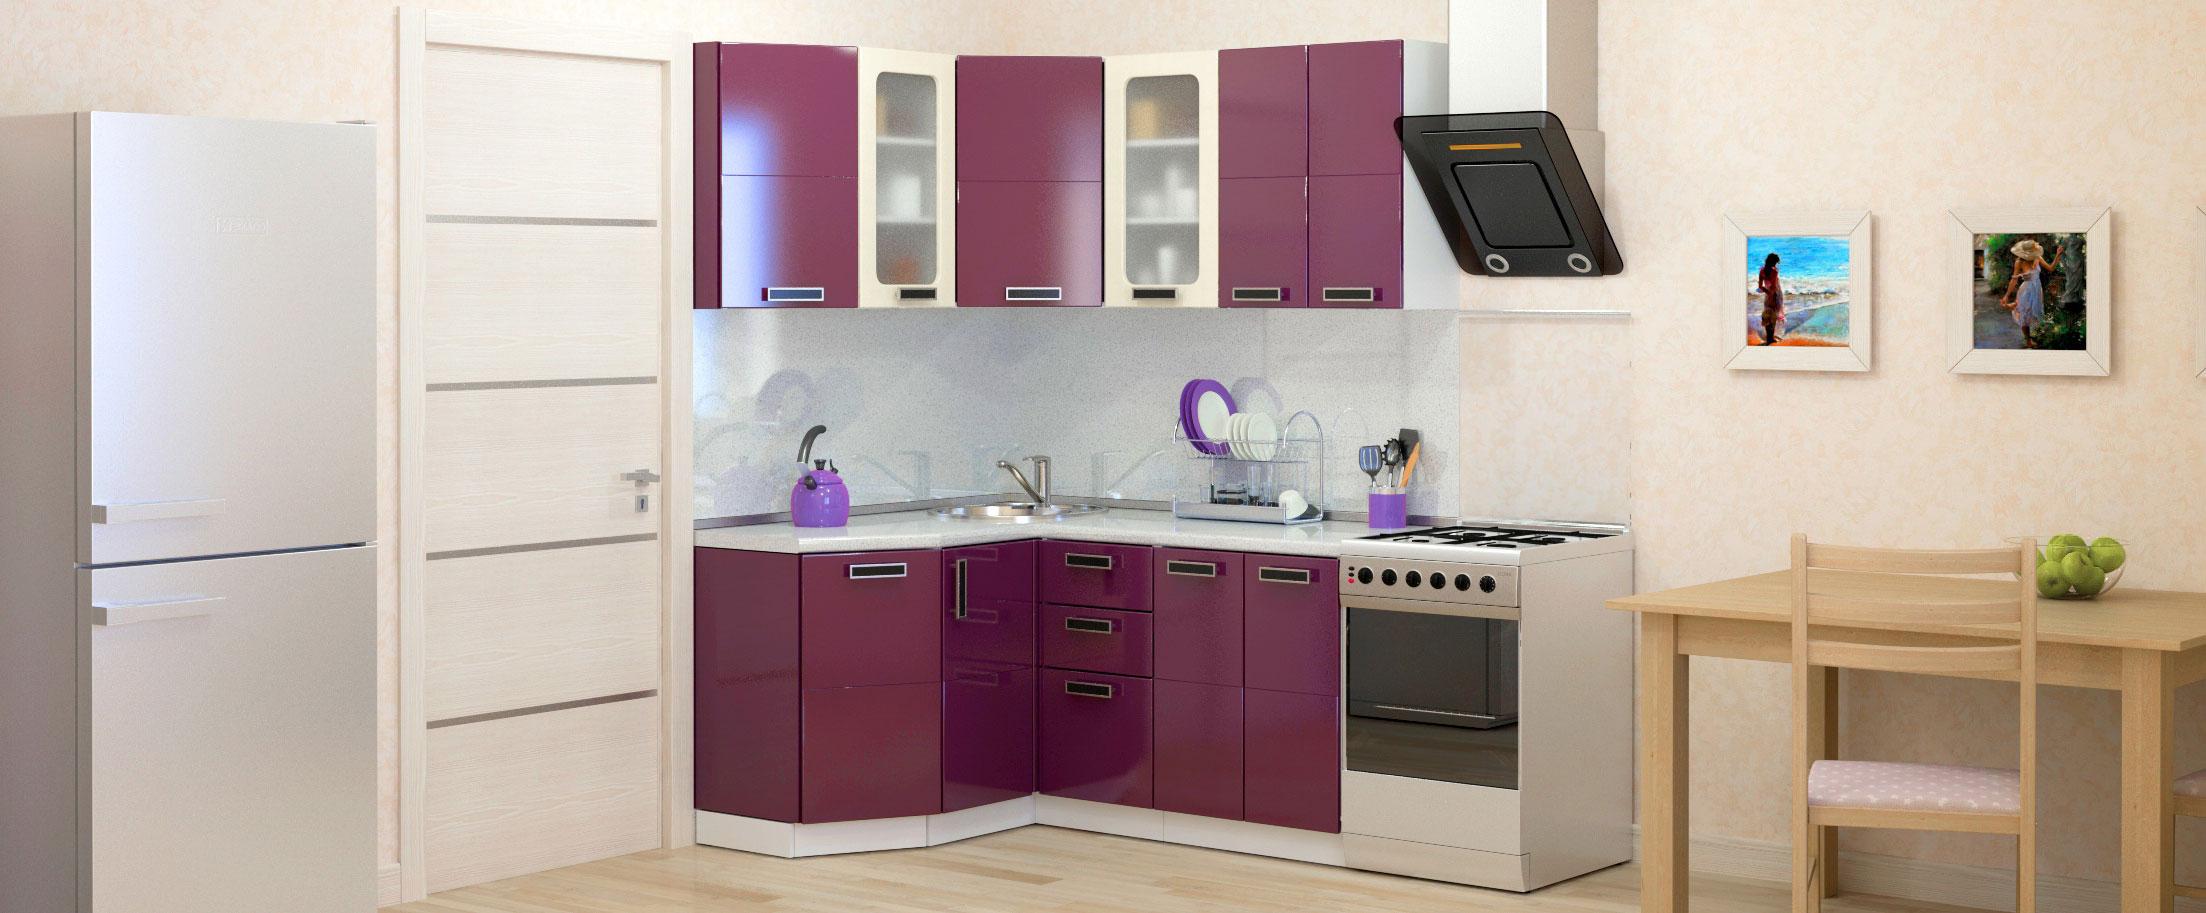 Кухня Баклажан угловая левая 1,35х1,6 мКупить удобный и практичный набор кухонного гарнитура в интернет магазине MOON-TRADE.RU. Быстрая доставка, вынос упаковки, гарантия! Выгодная покупка!<br>